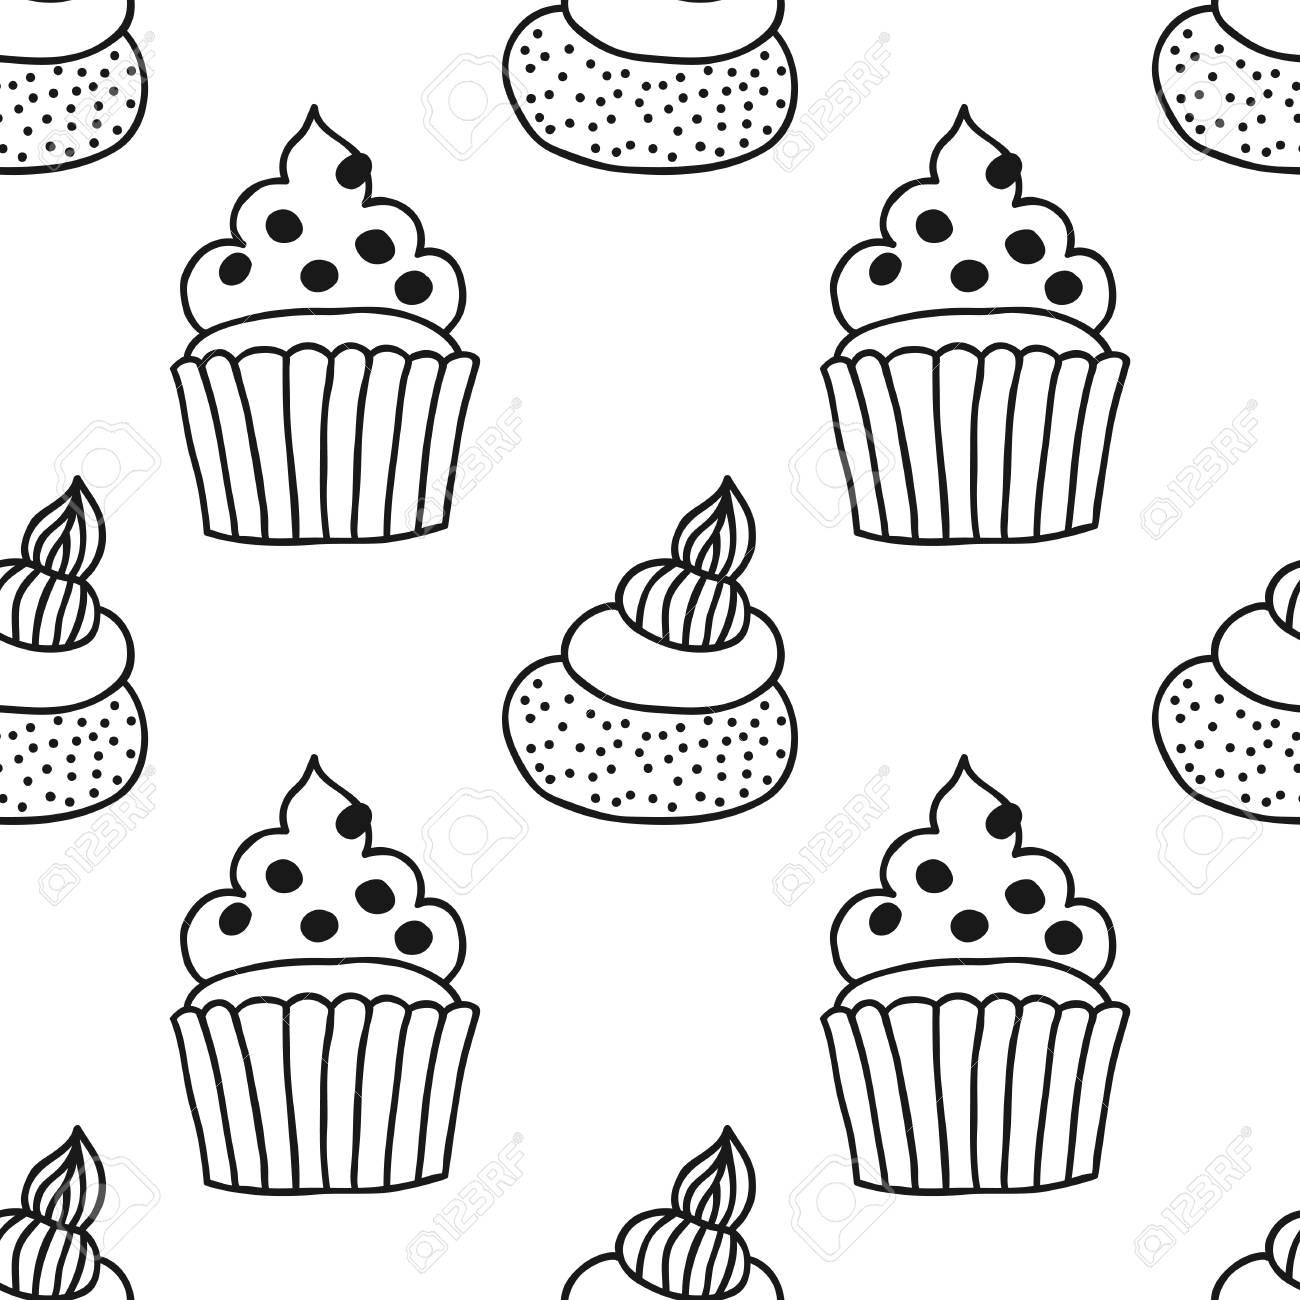 Seamless Noir Et Blanc Avec Des Gâteaux Pour Des Livres De Coloriage Illustration De Desserts Pâtisseries